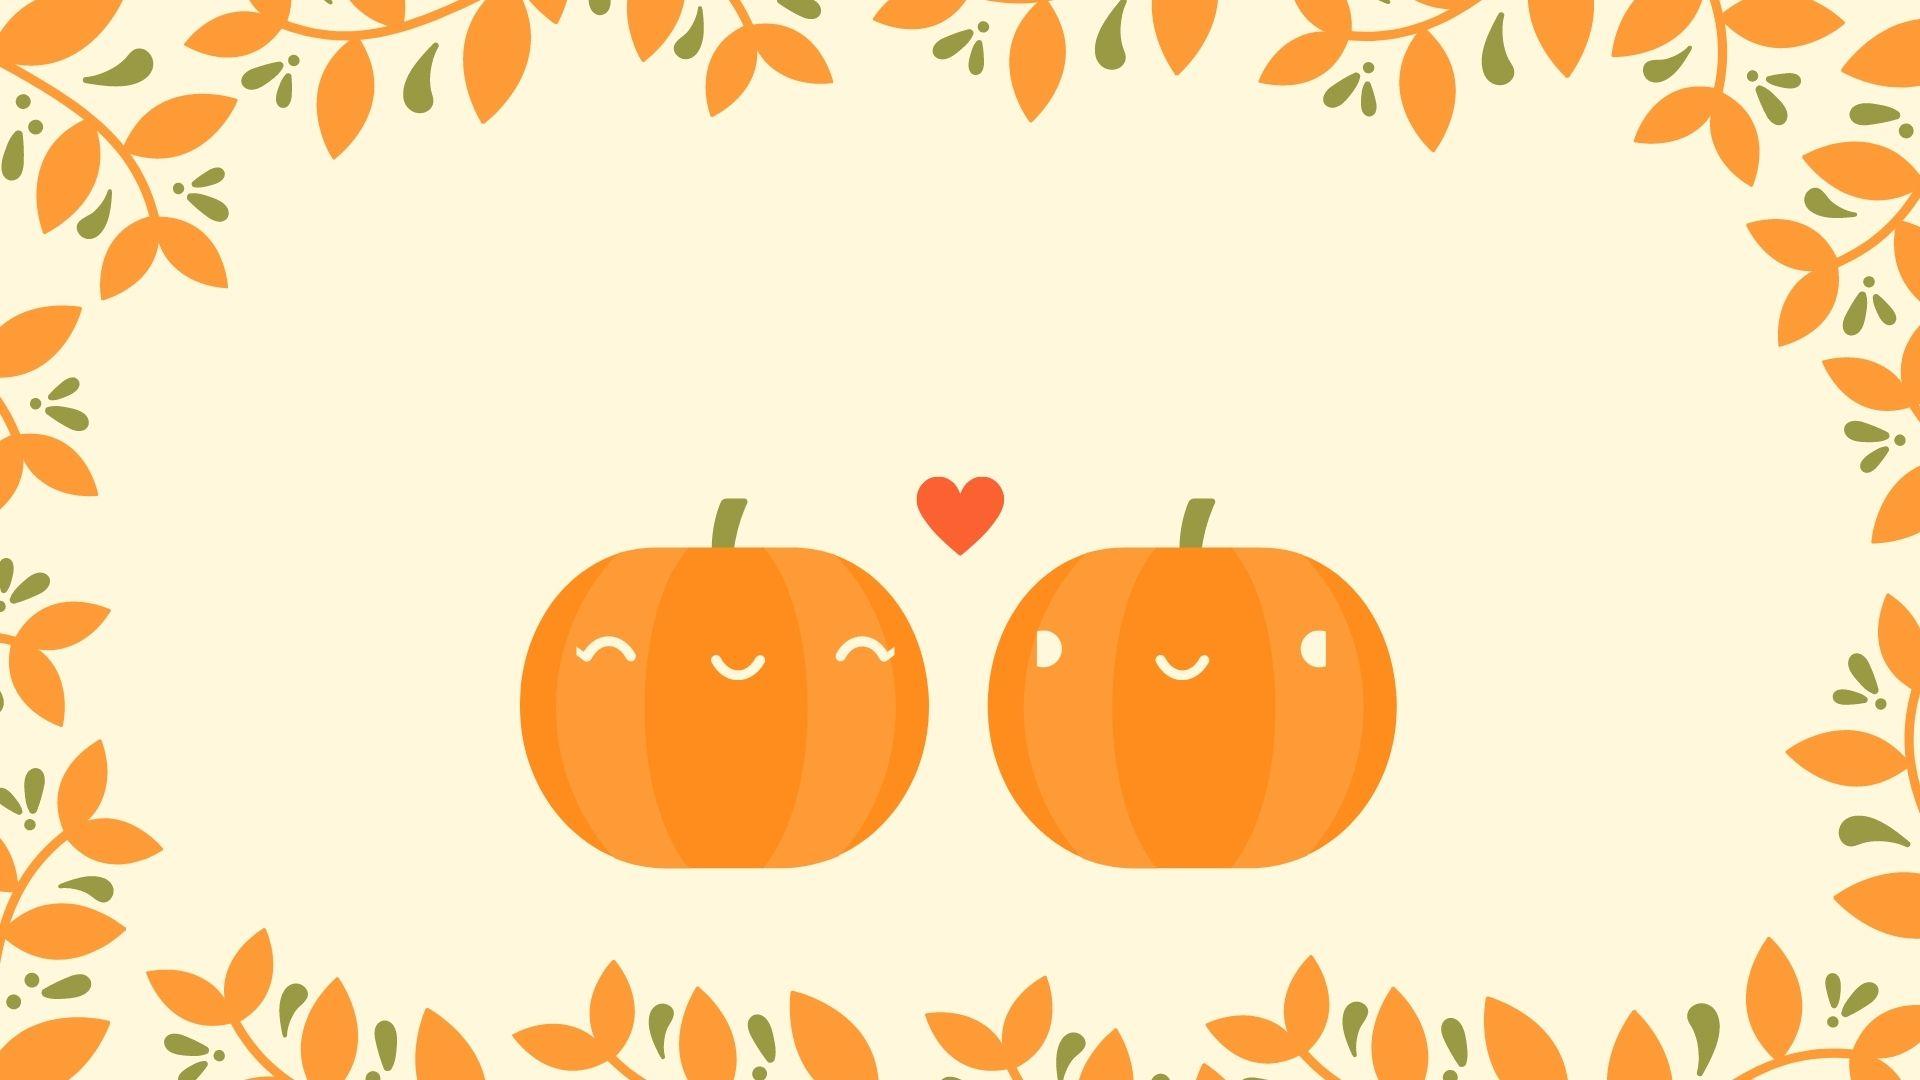 (abgesagt) 24. & 25.10. – Halloween Wochenende für Kids